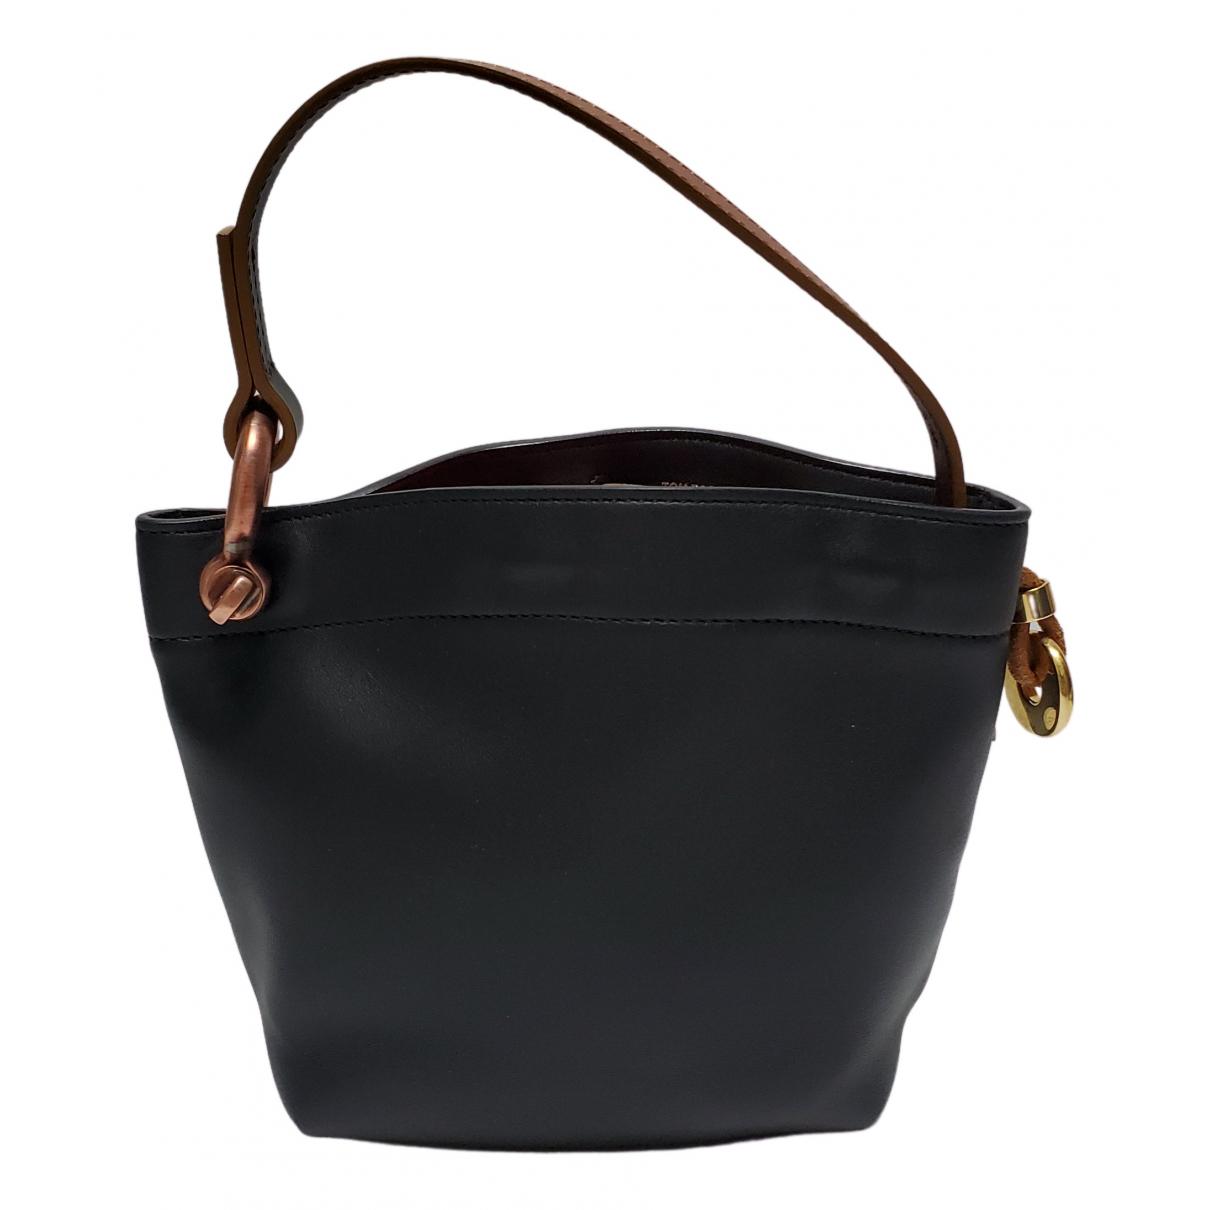 Tom Ford N Black Leather handbag for Women N